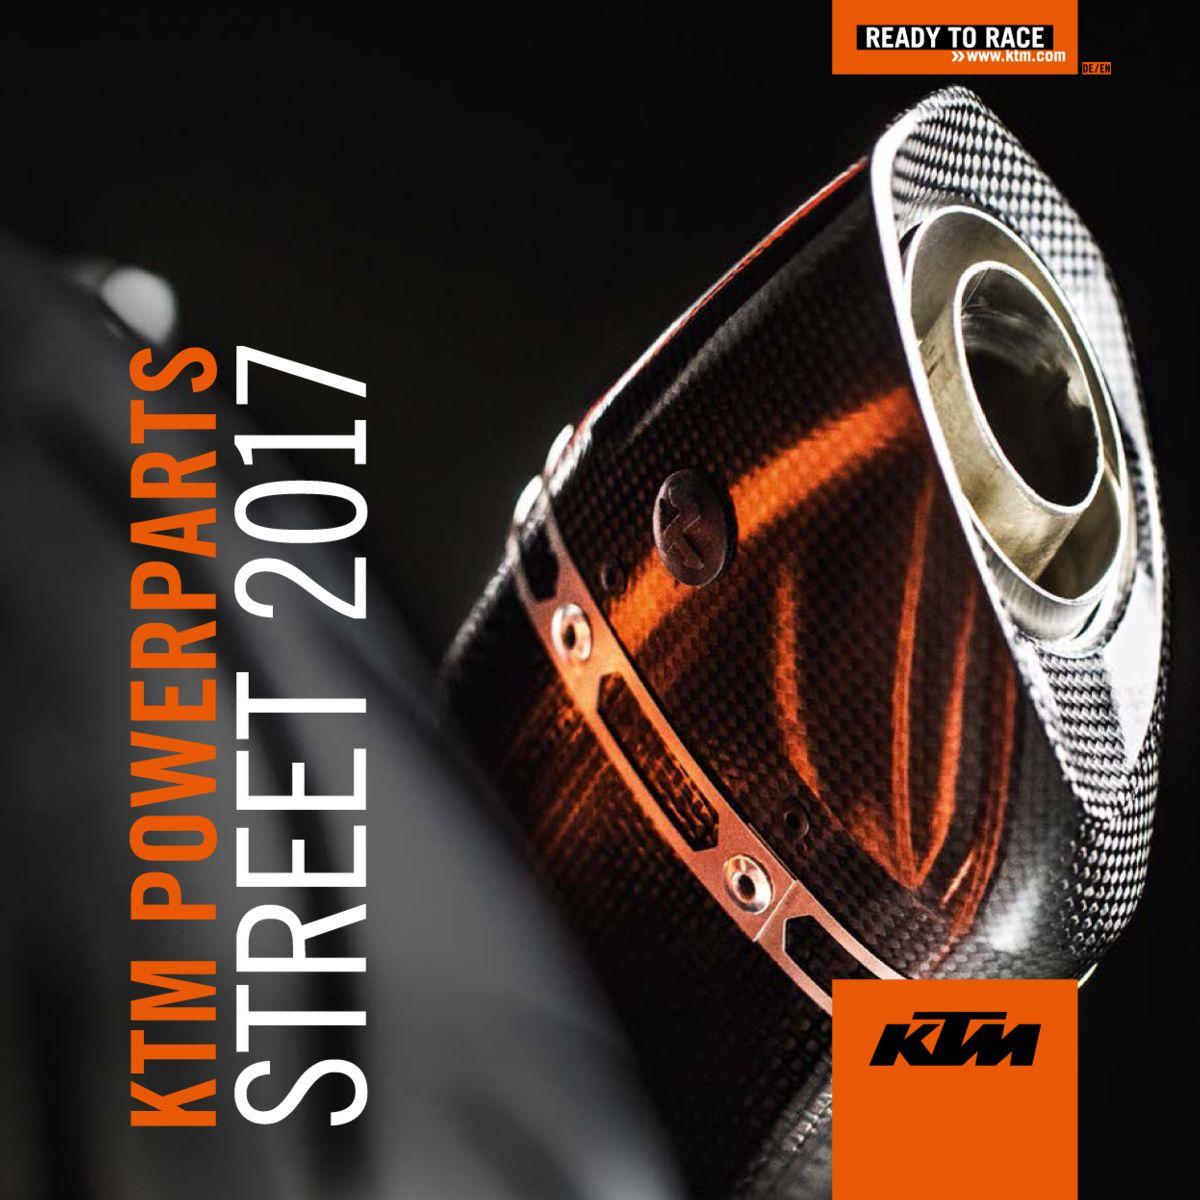 KTM POWERPARTS STREET MOTOS ROLAND FREY MÜLENEN